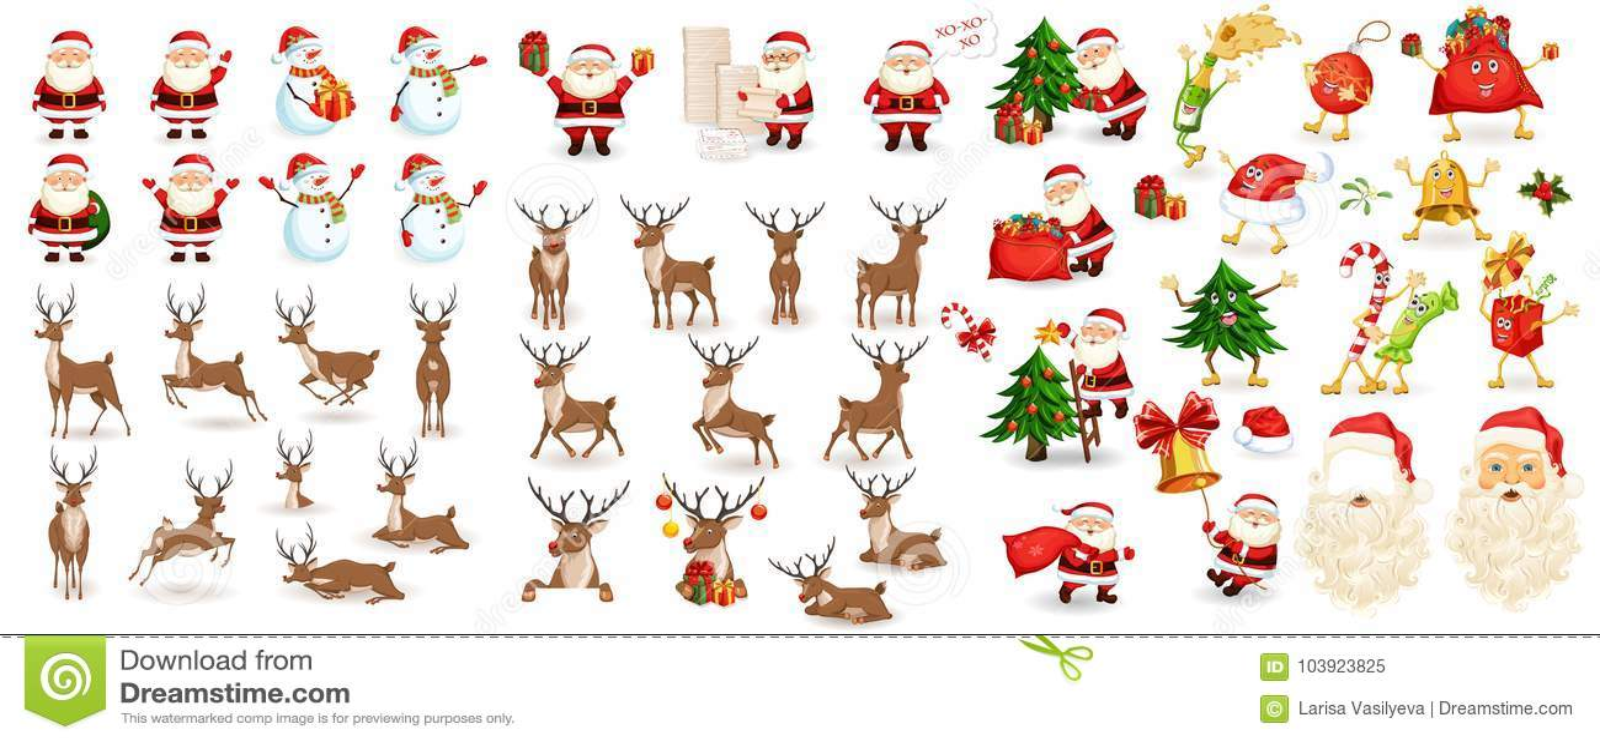 大圣诞节集